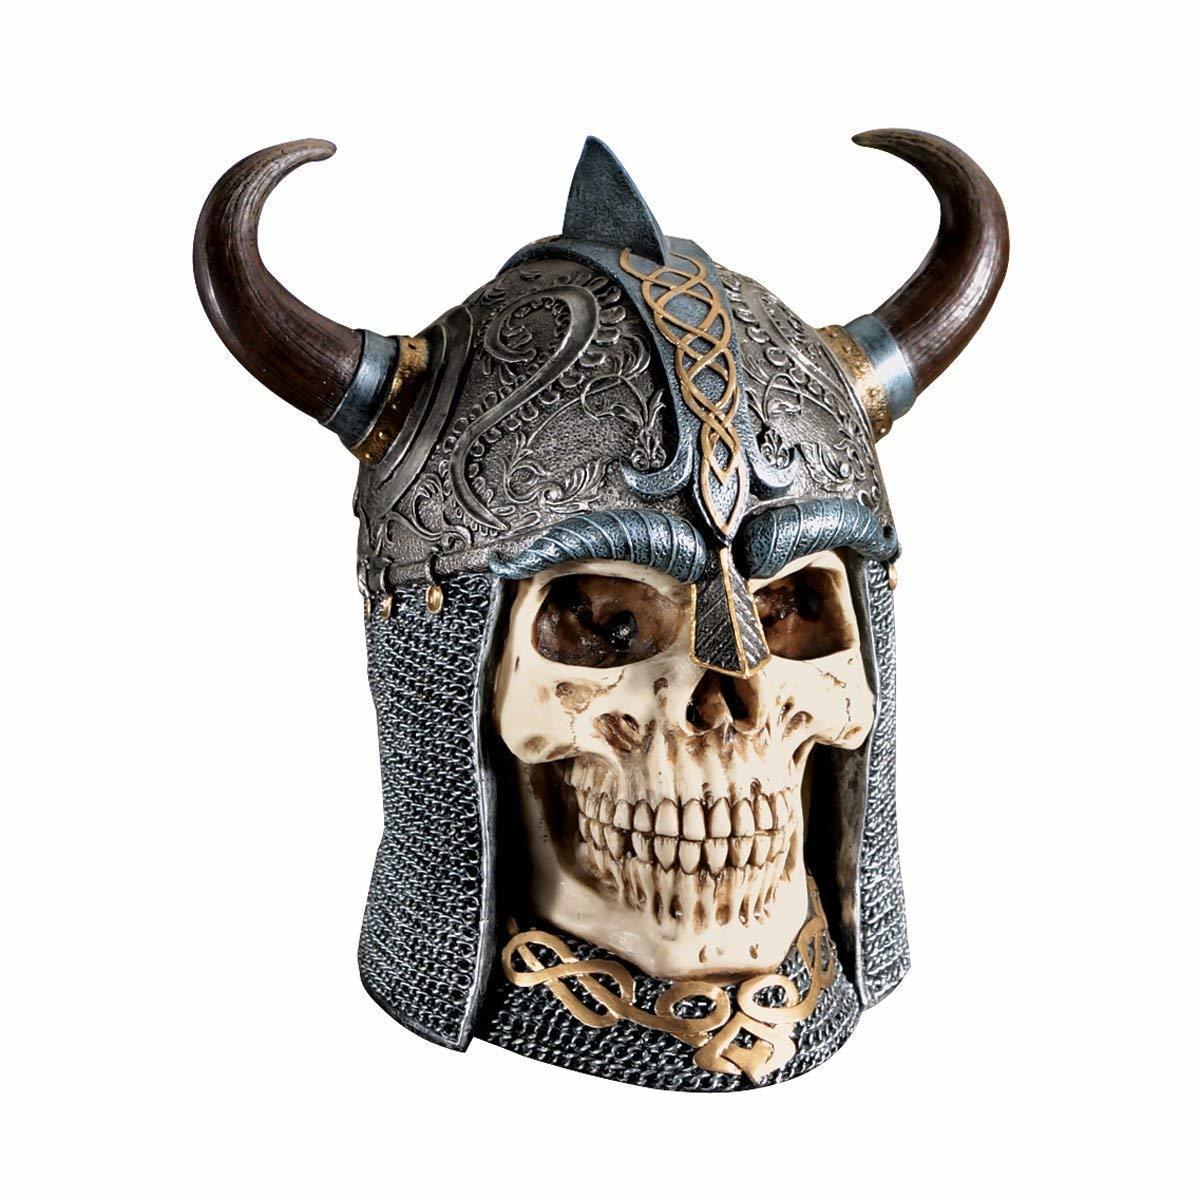 ディーエメ:ケルトの頭蓋骨の戦士彫像 彫刻/ Design Toscano Daimer: The Celtic Skull Warrior Sculpture(輸入品_画像2